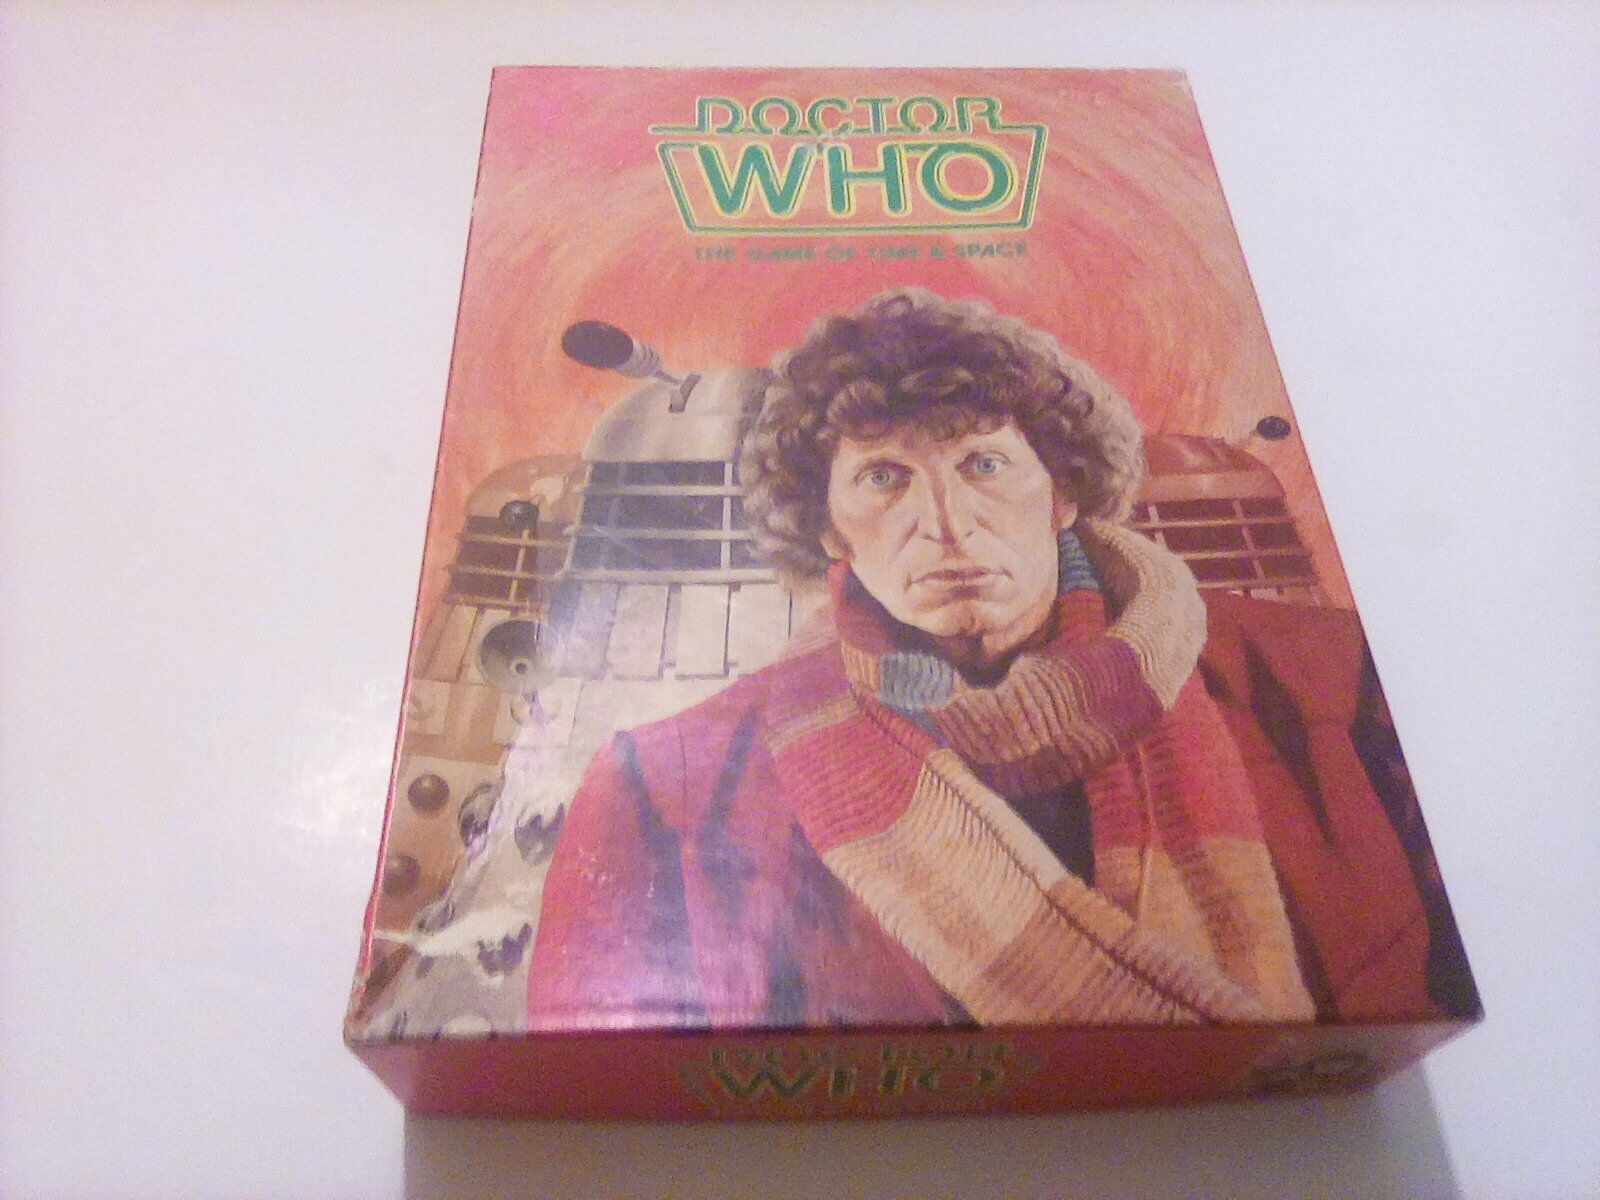 Doctor Who The spel of tid och Space Of Board spel